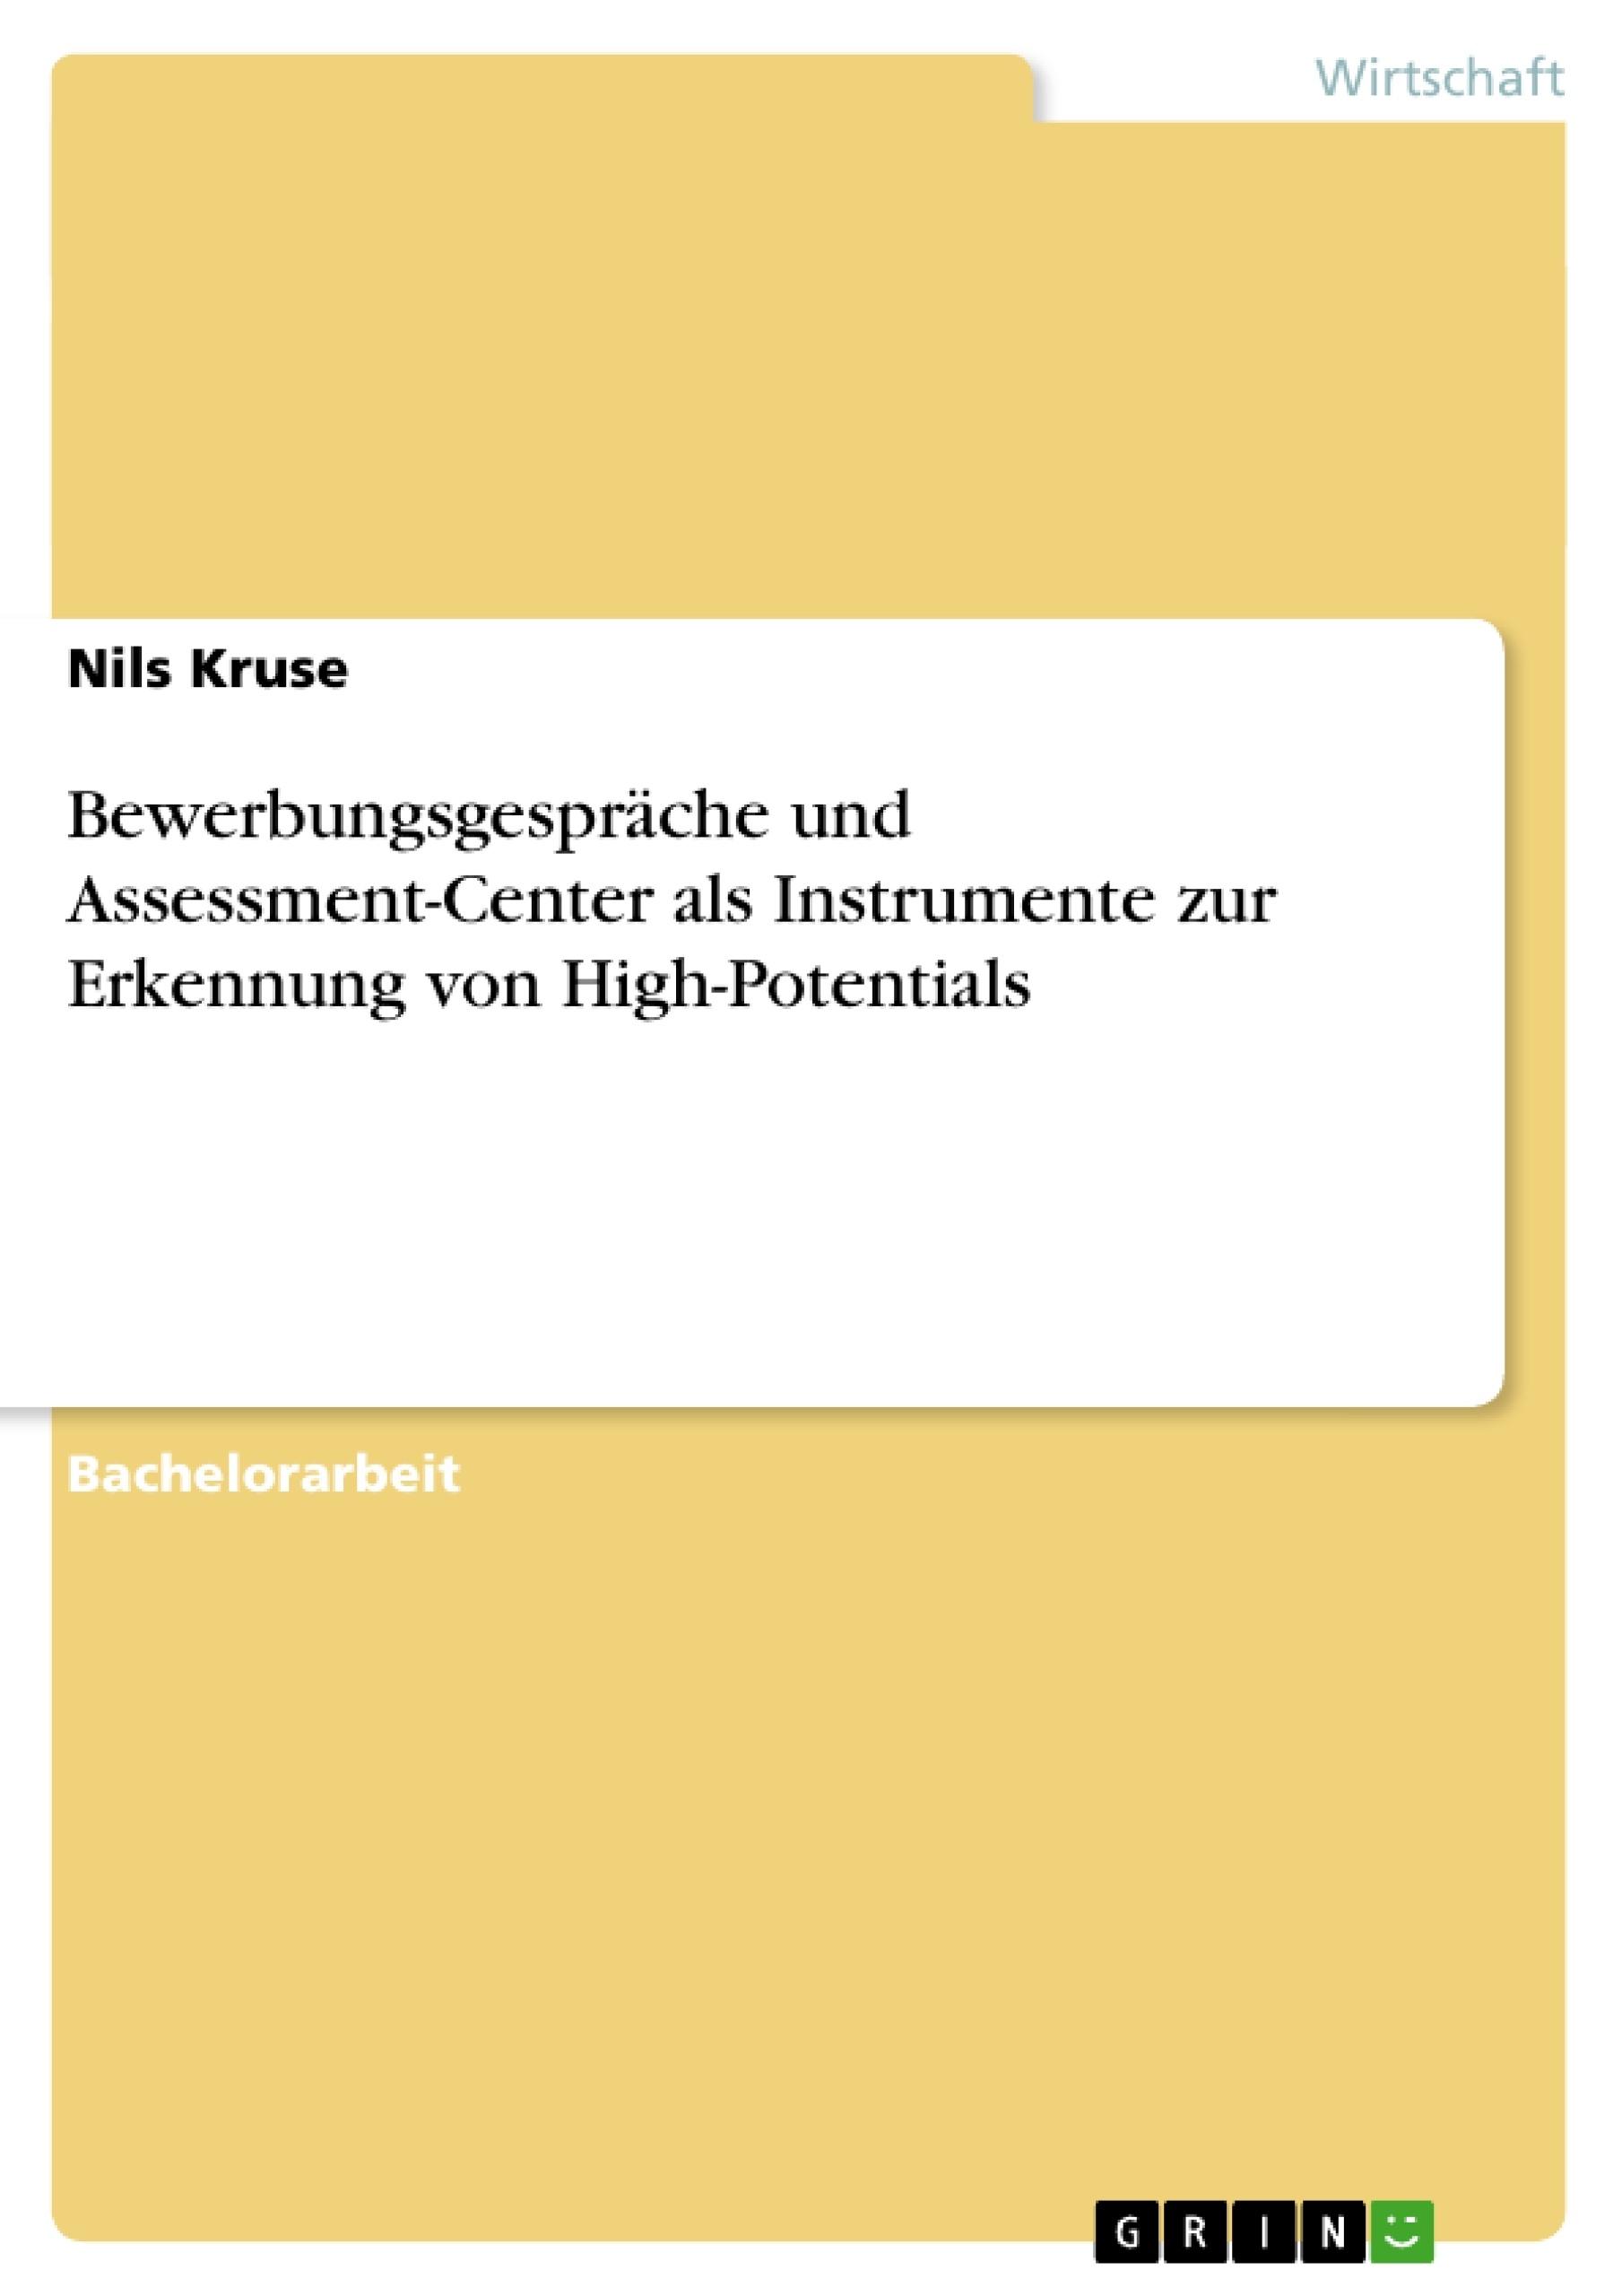 Titel: Bewerbungsgespräche und Assessment-Center als Instrumente zur Erkennung von High-Potentials